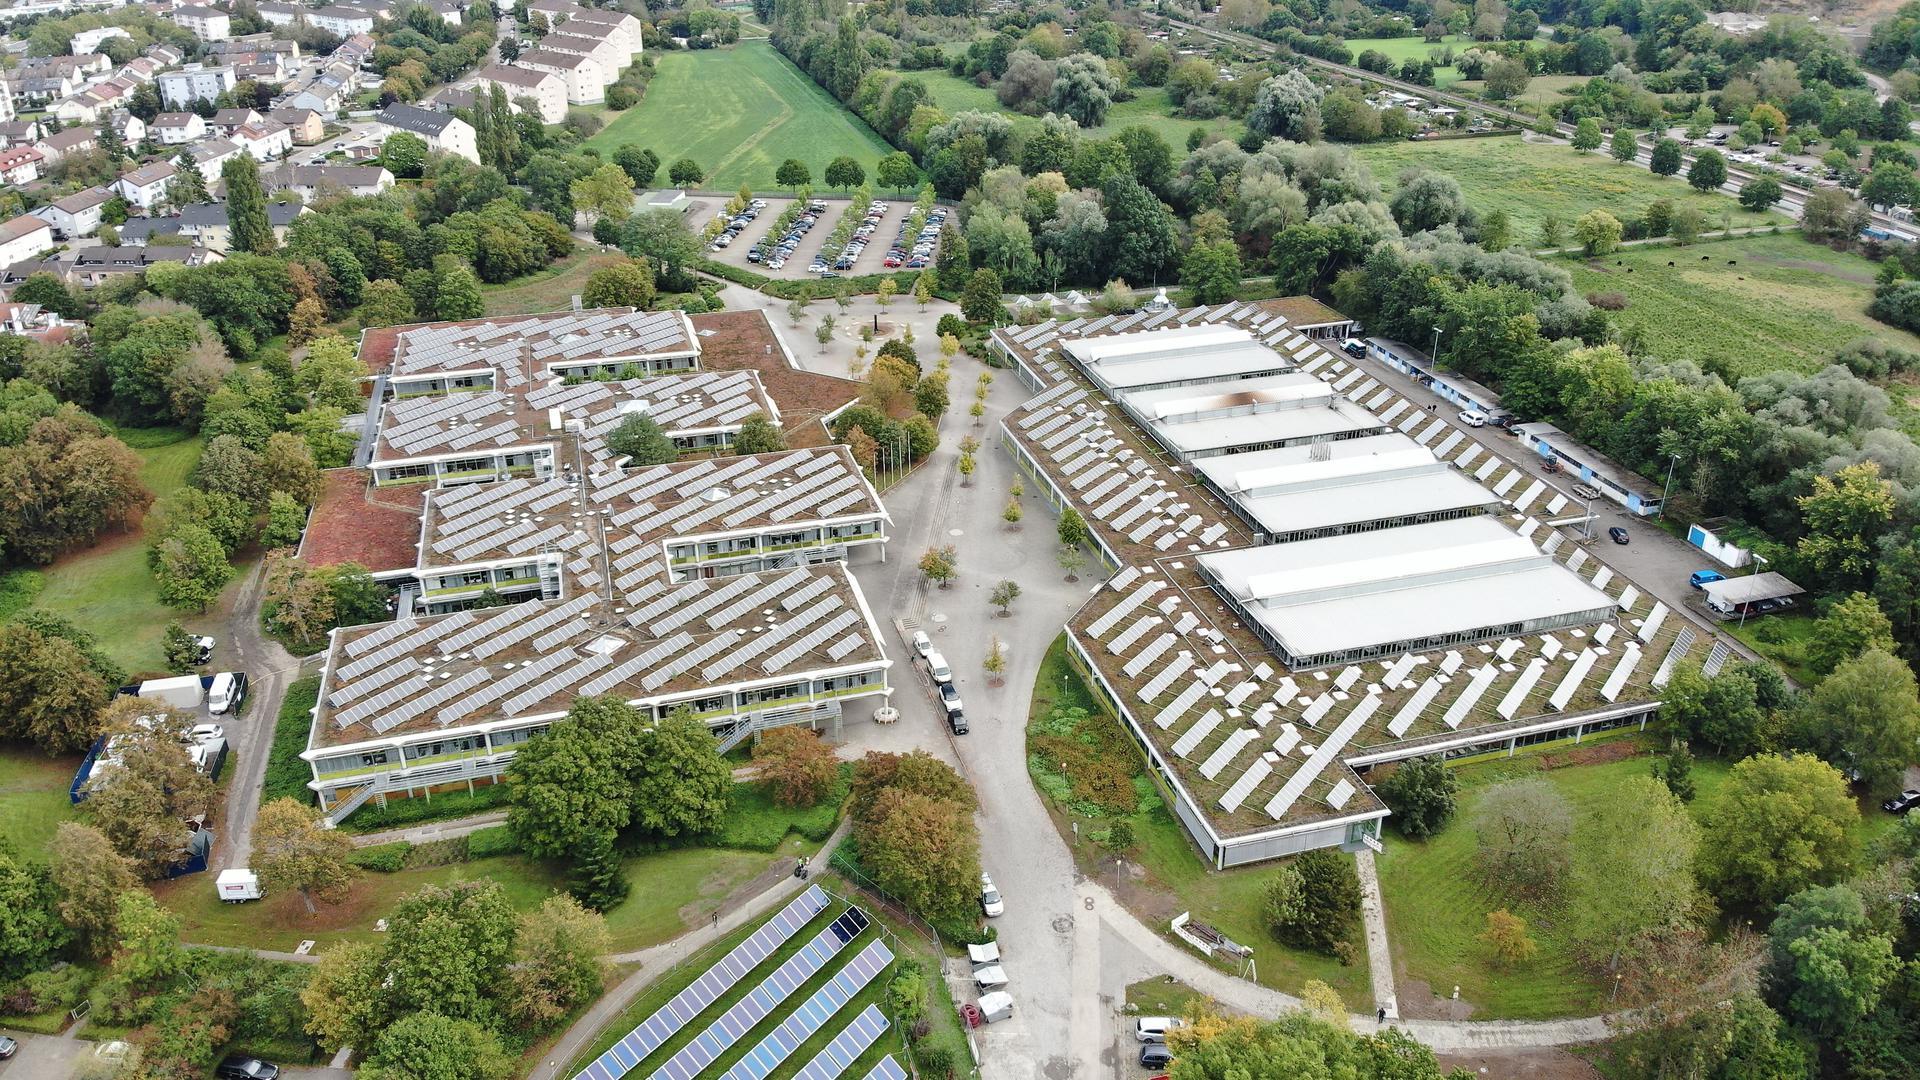 Auf dem weitläufigen Gelände der Balthasar Neumann Schulen präsentieren am 16. Oktober circa 40 Unternehmen ihre Angebote und Informationen.